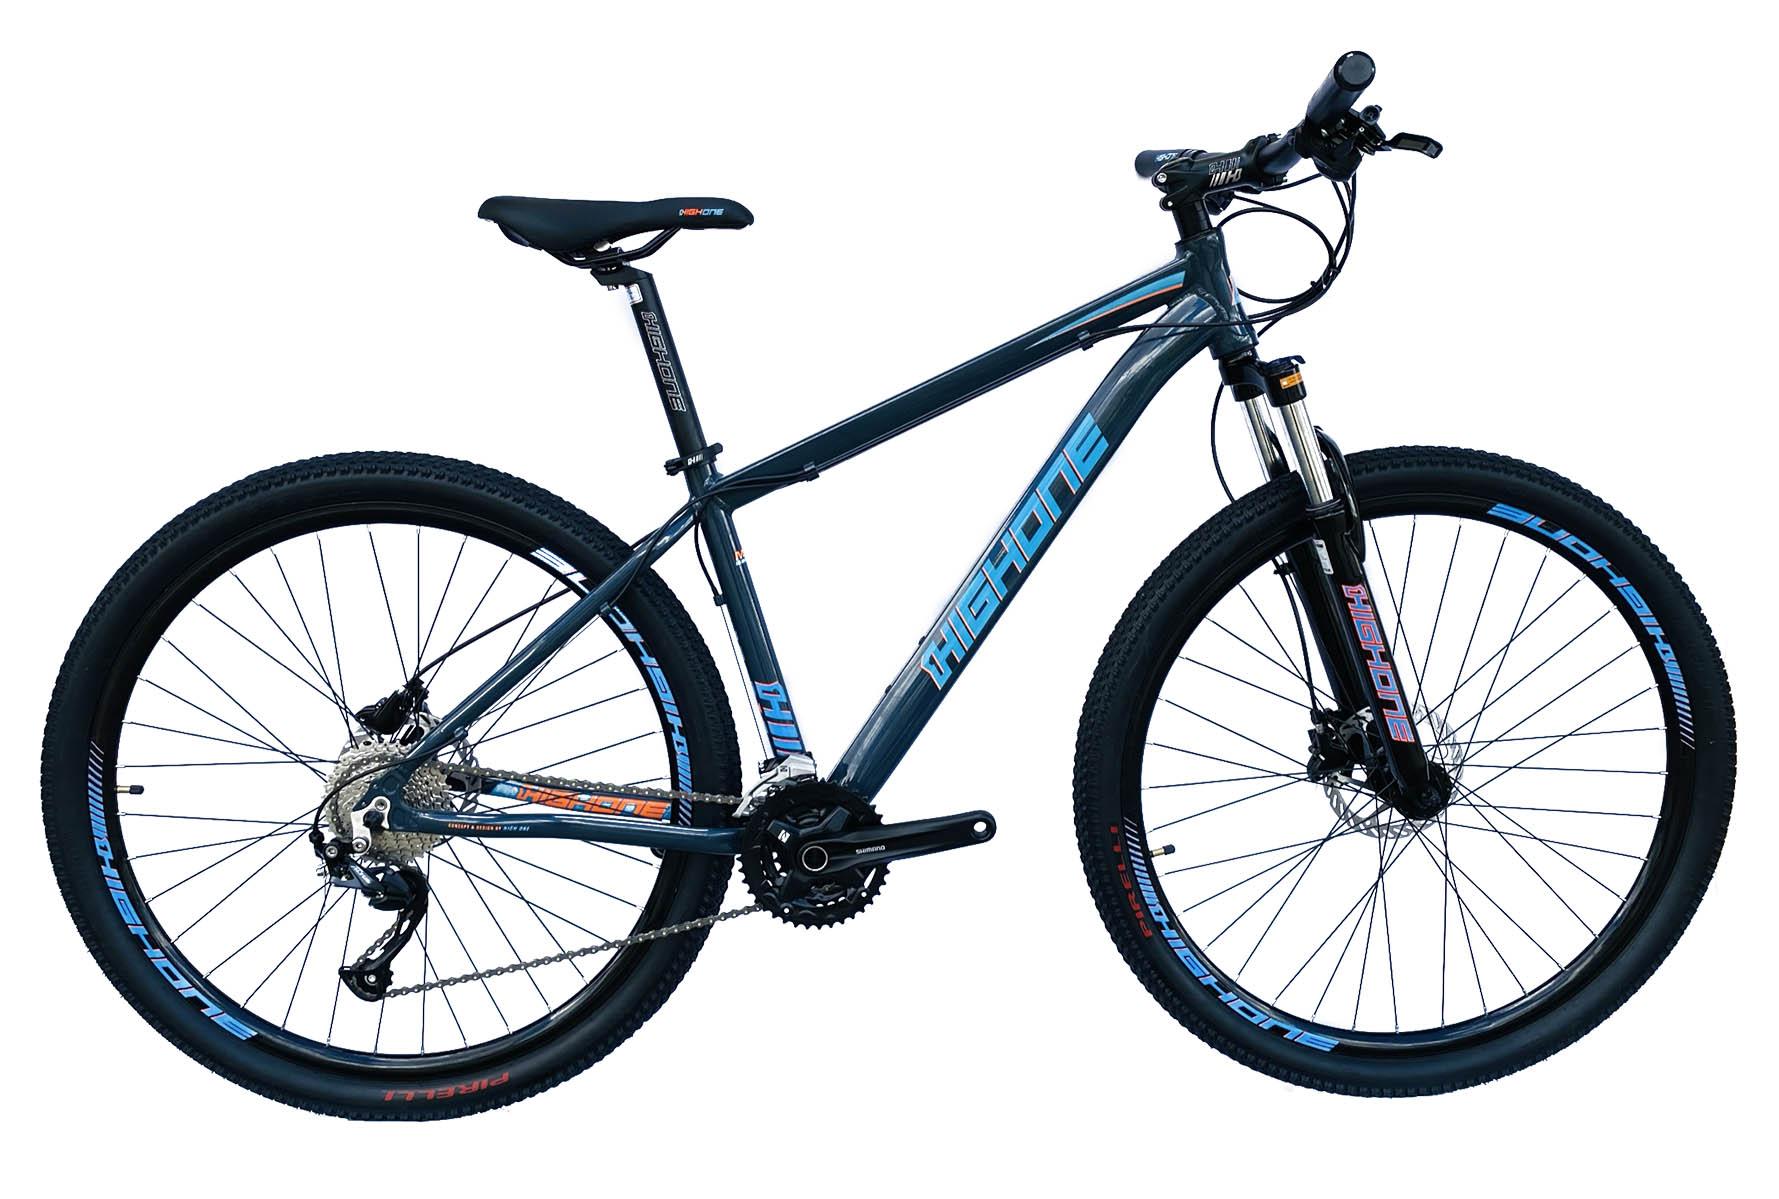 Bicicleta Aro 29 Next High One 27v Altus Freio Hidraulico Susp Trava Ombro